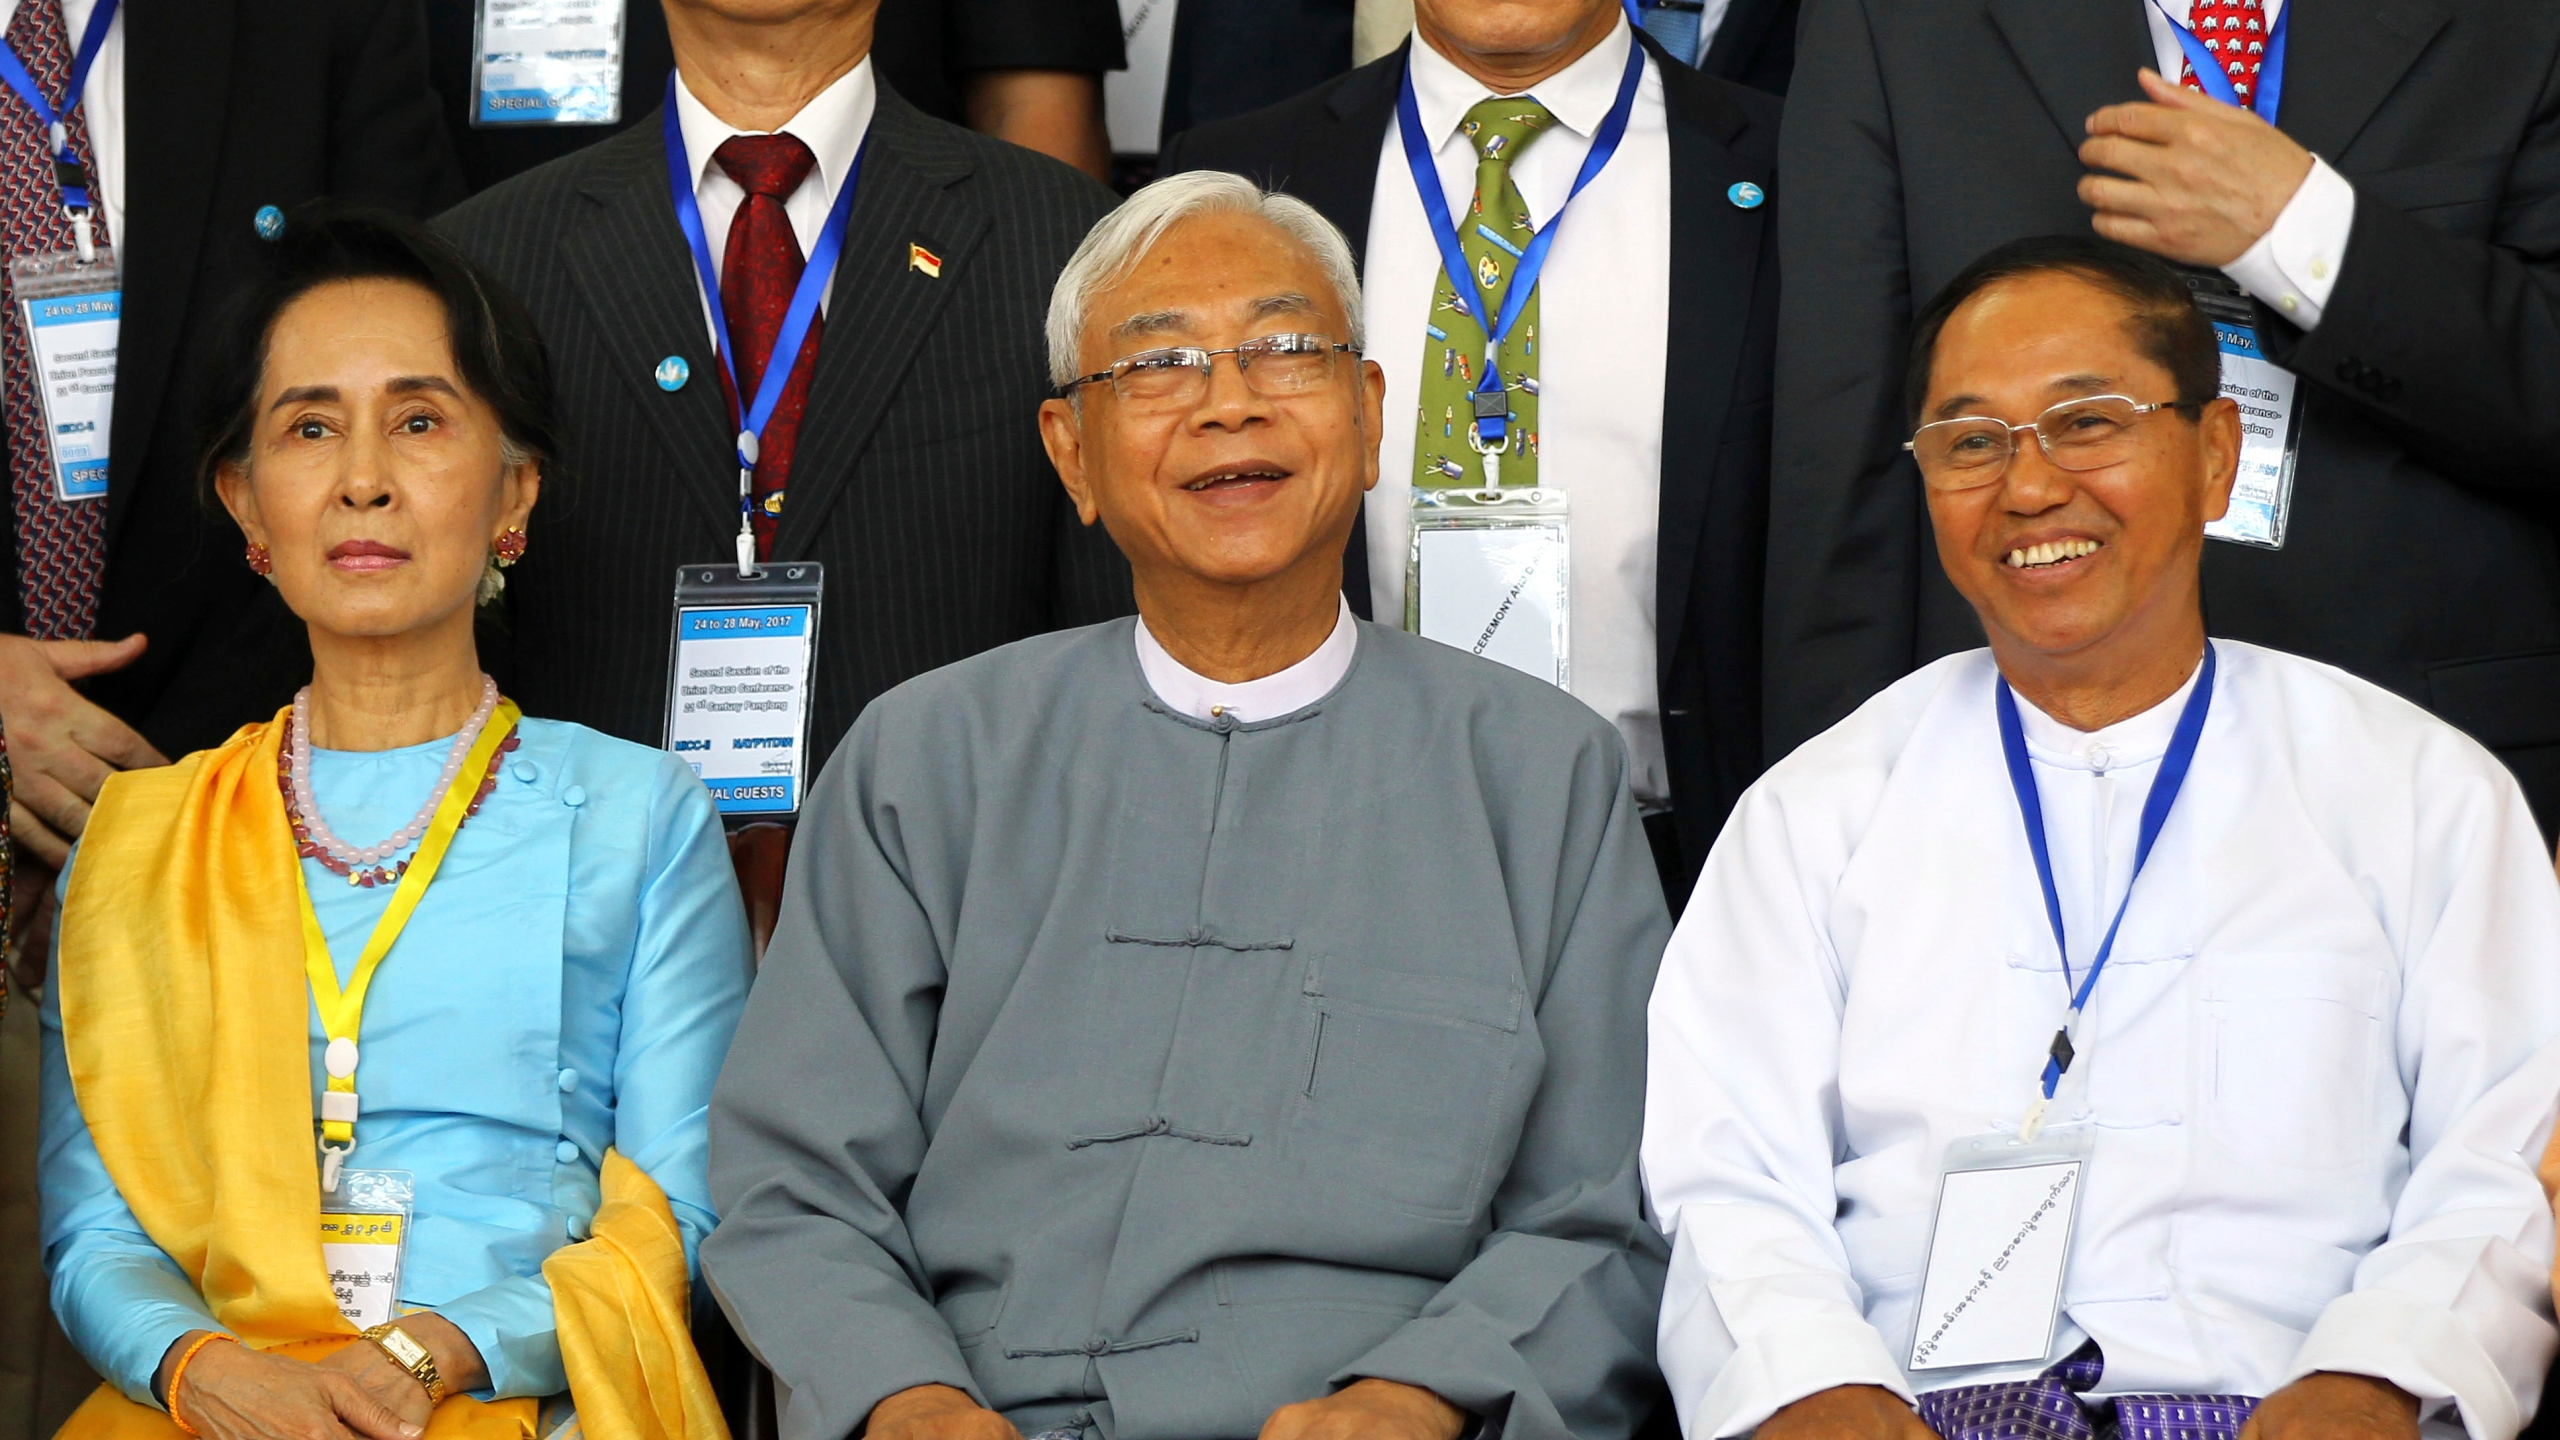 Aung San Suu Kyi, Htin Kyaw, Myint Swe